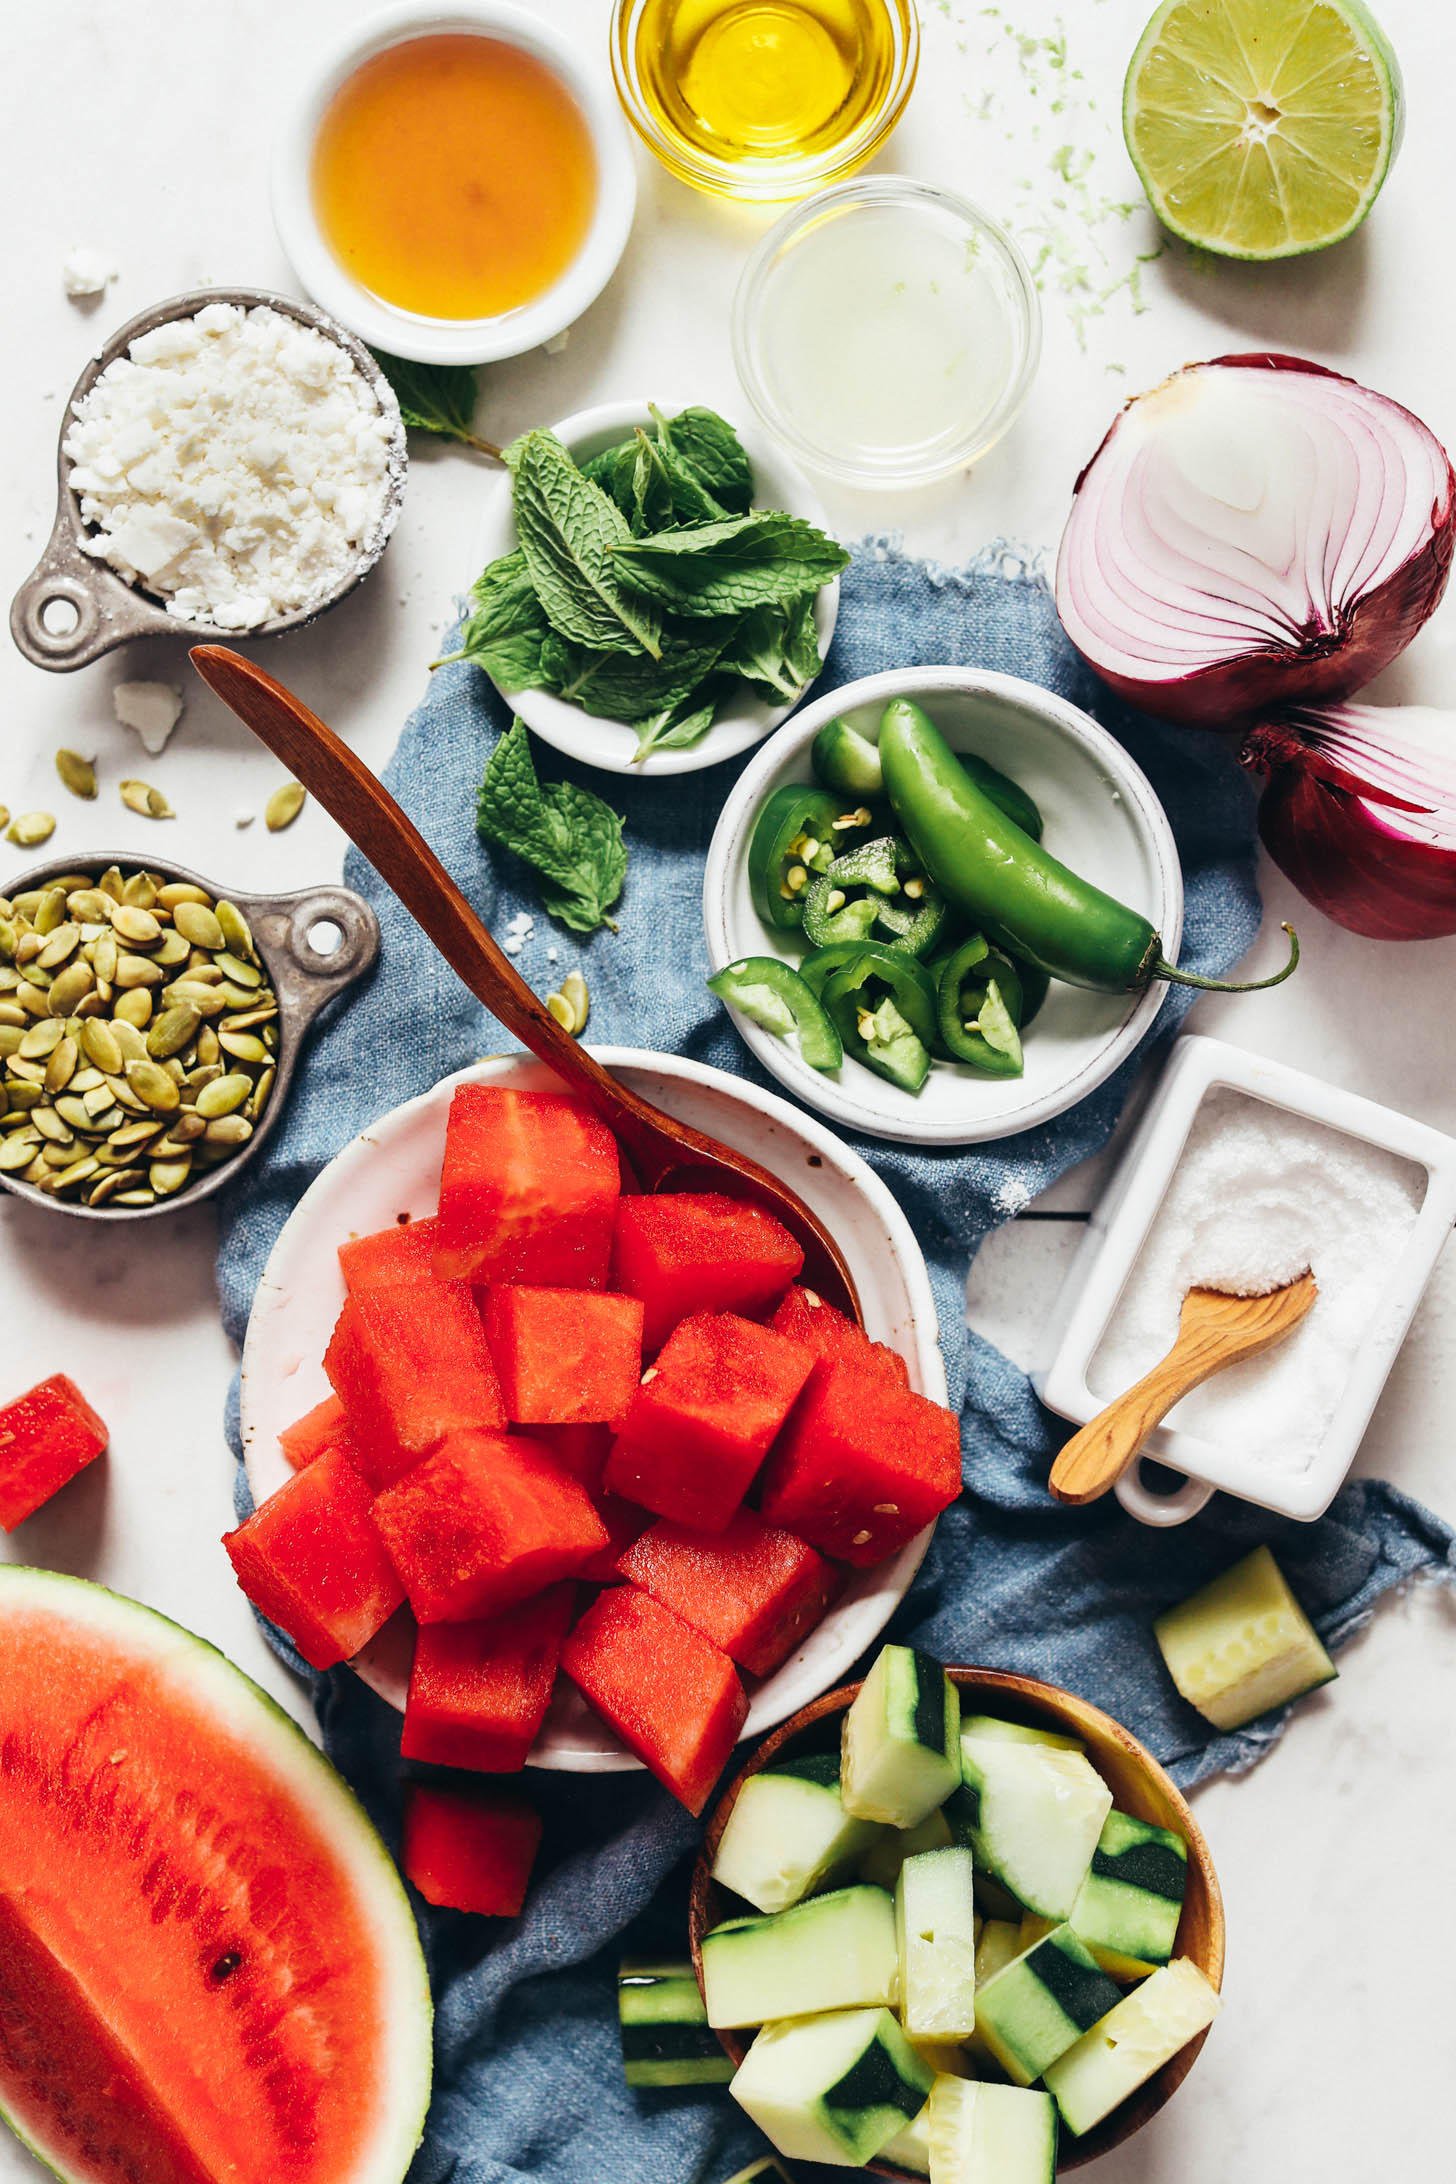 Karpuz, salatalık, tuz, jalapeno, kırmızı soğan, misket limonu, zeytinyağı, nane, akçaağaç şurubu, vegan beyaz peynir ve kabak çekirdeği